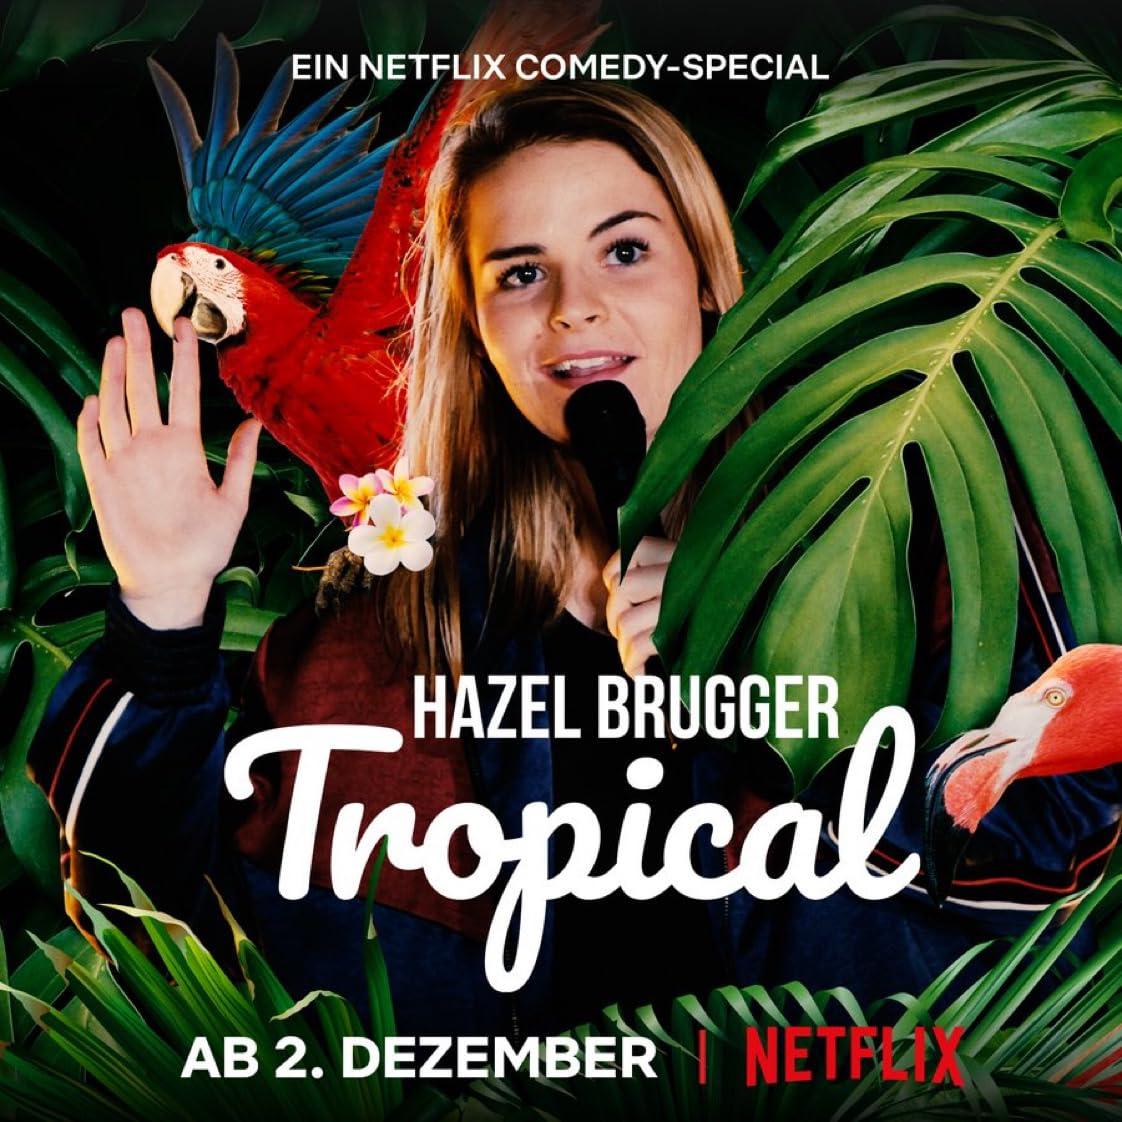 海瑟·布魯格:笑翻熱帶 | awwrated | 你的 Netflix 避雷好幫手!